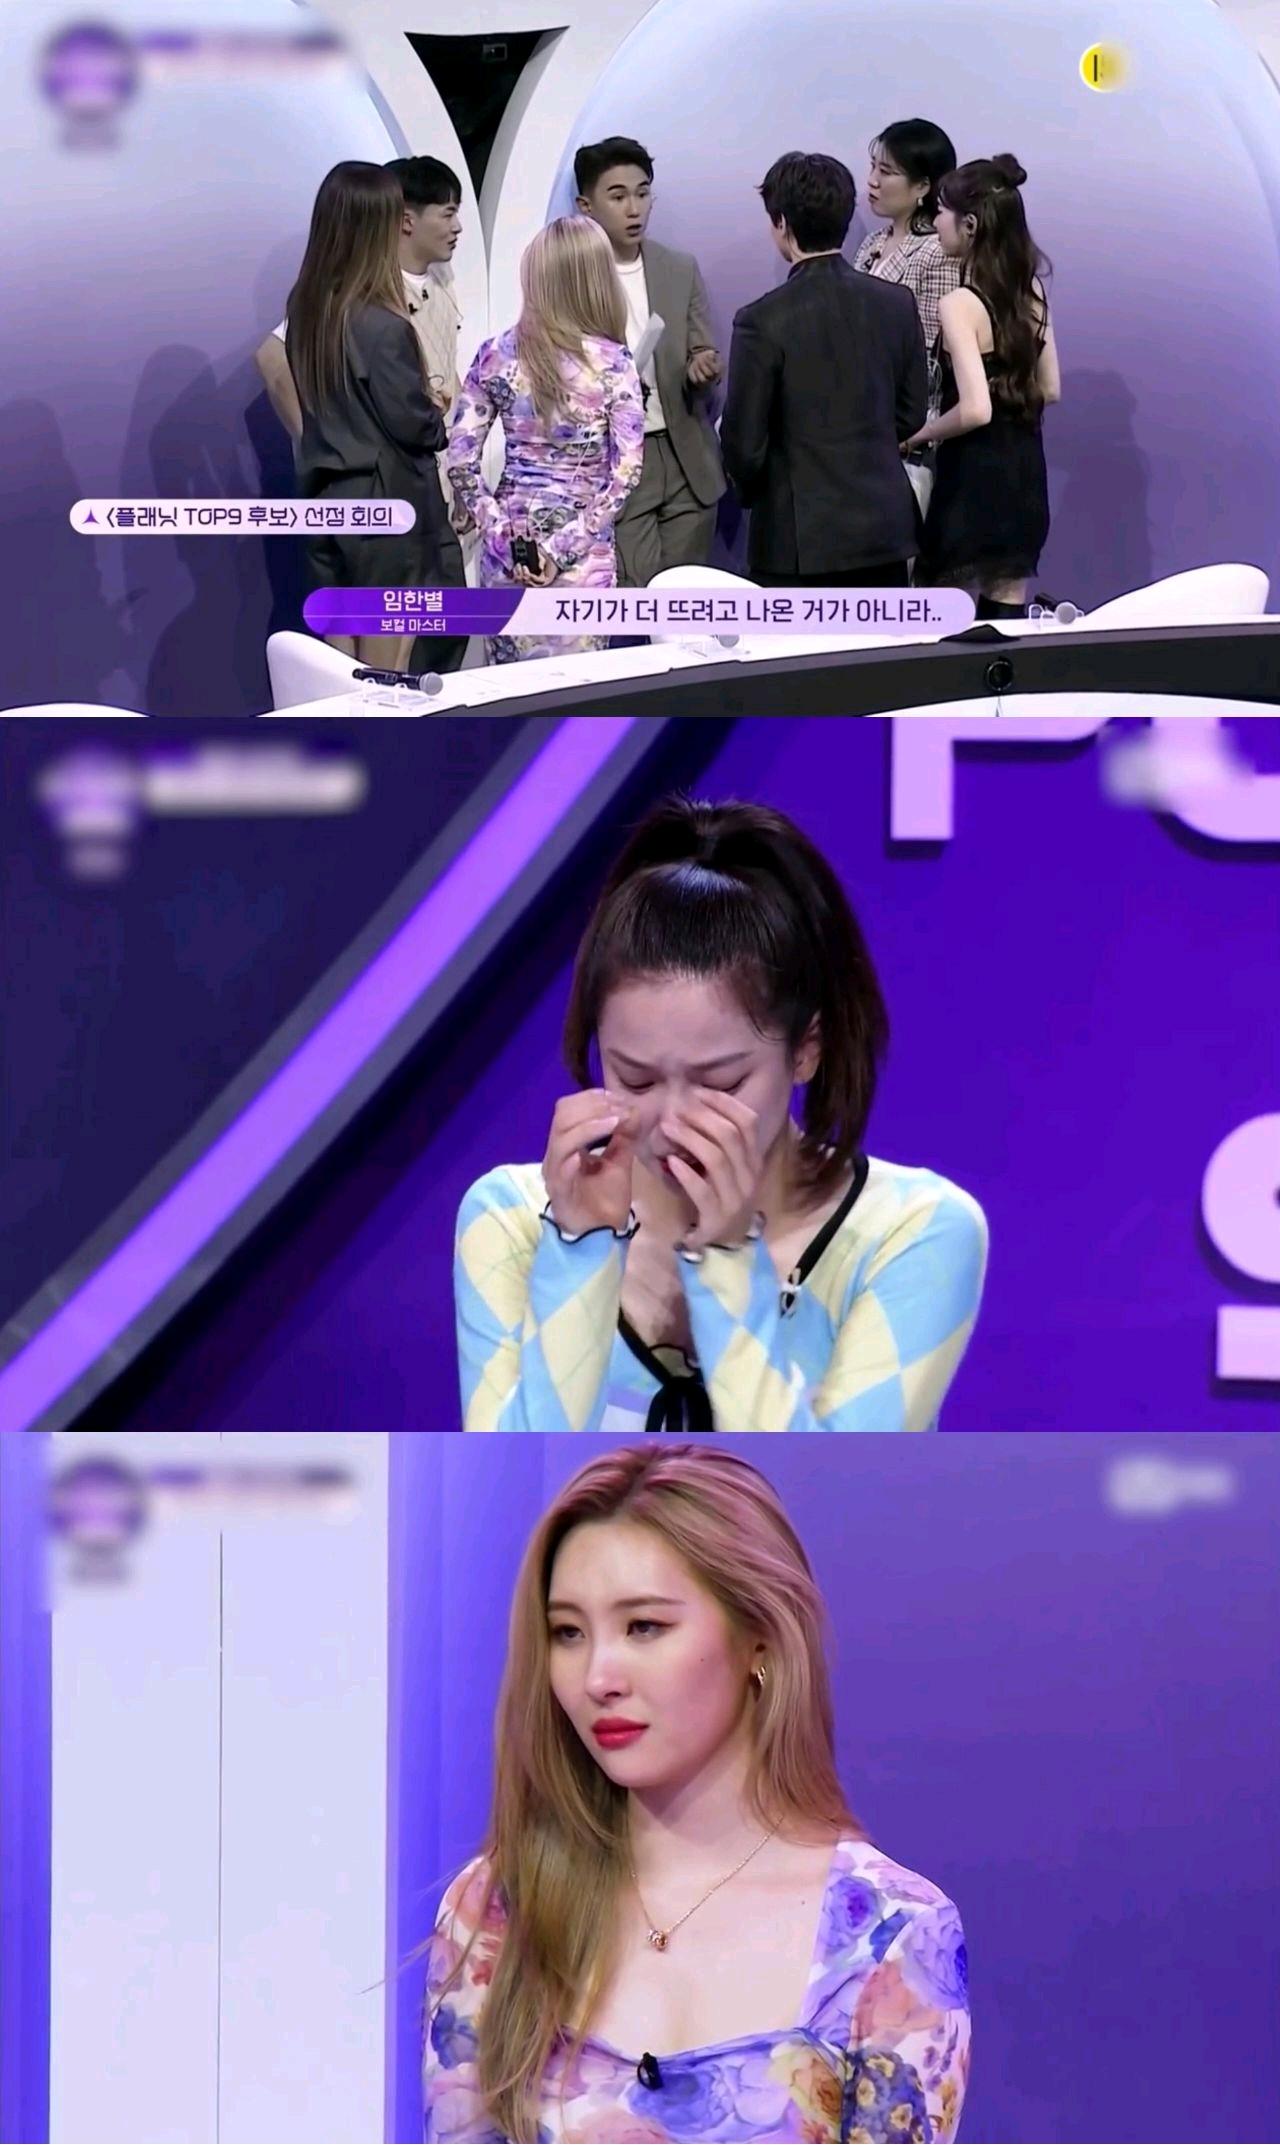 崔有真哭着揭露CLC实际已解散的原因,CUBE又开始了…